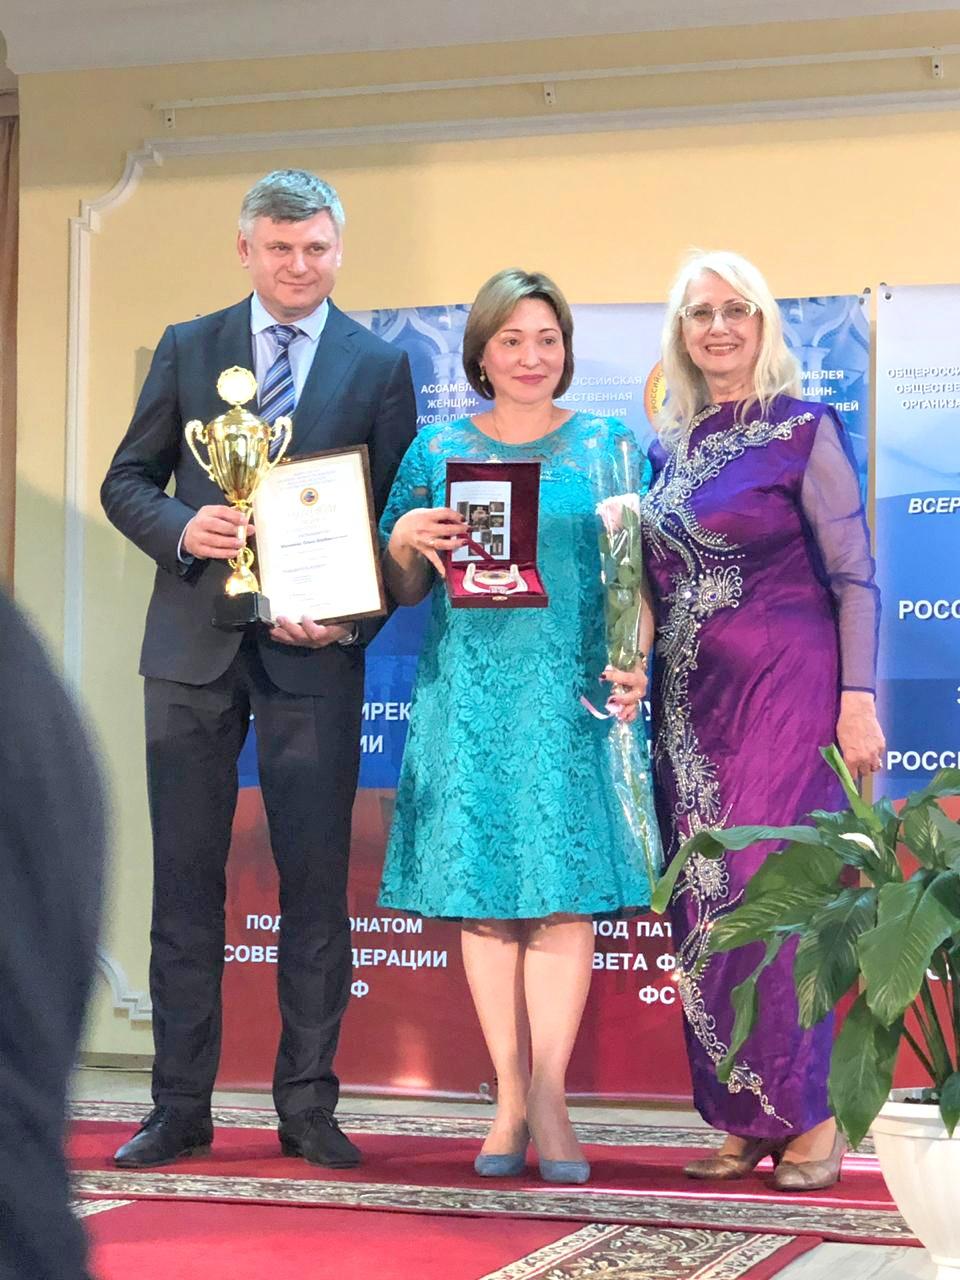 Торжественная церемония награждения победителей VIII Всероссийского конкурса Общероссийской «Ассамблеи женщин-руководителей»